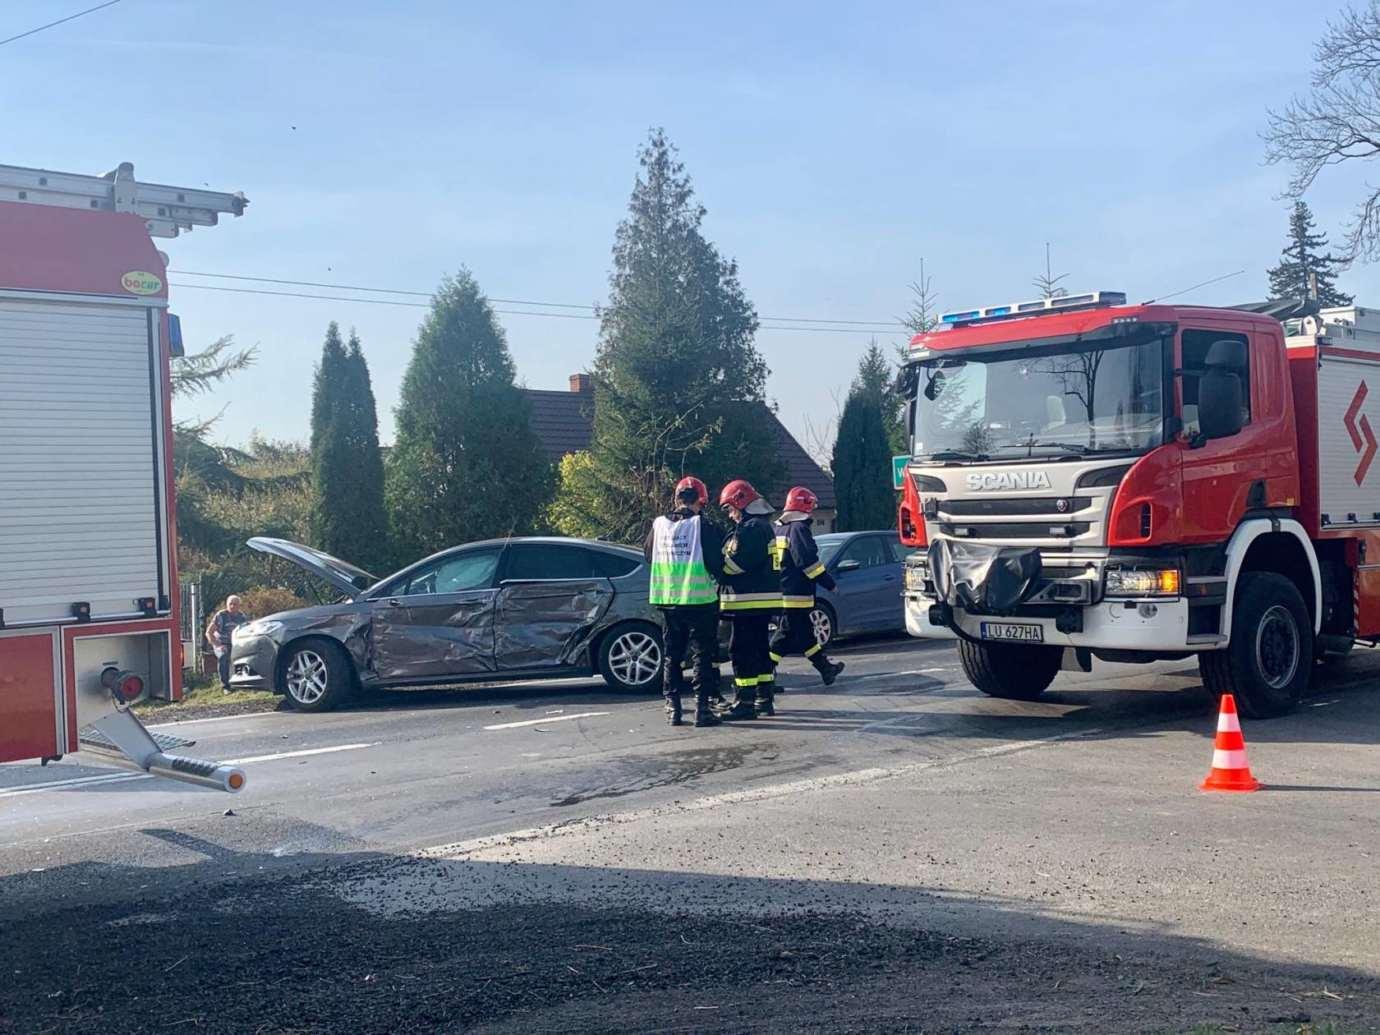 73127475 2319152784879399 4381490558934188032 n Kalinowice: Wypadek na DK nr 17. Wóz strażacki zderzył się z osobówką